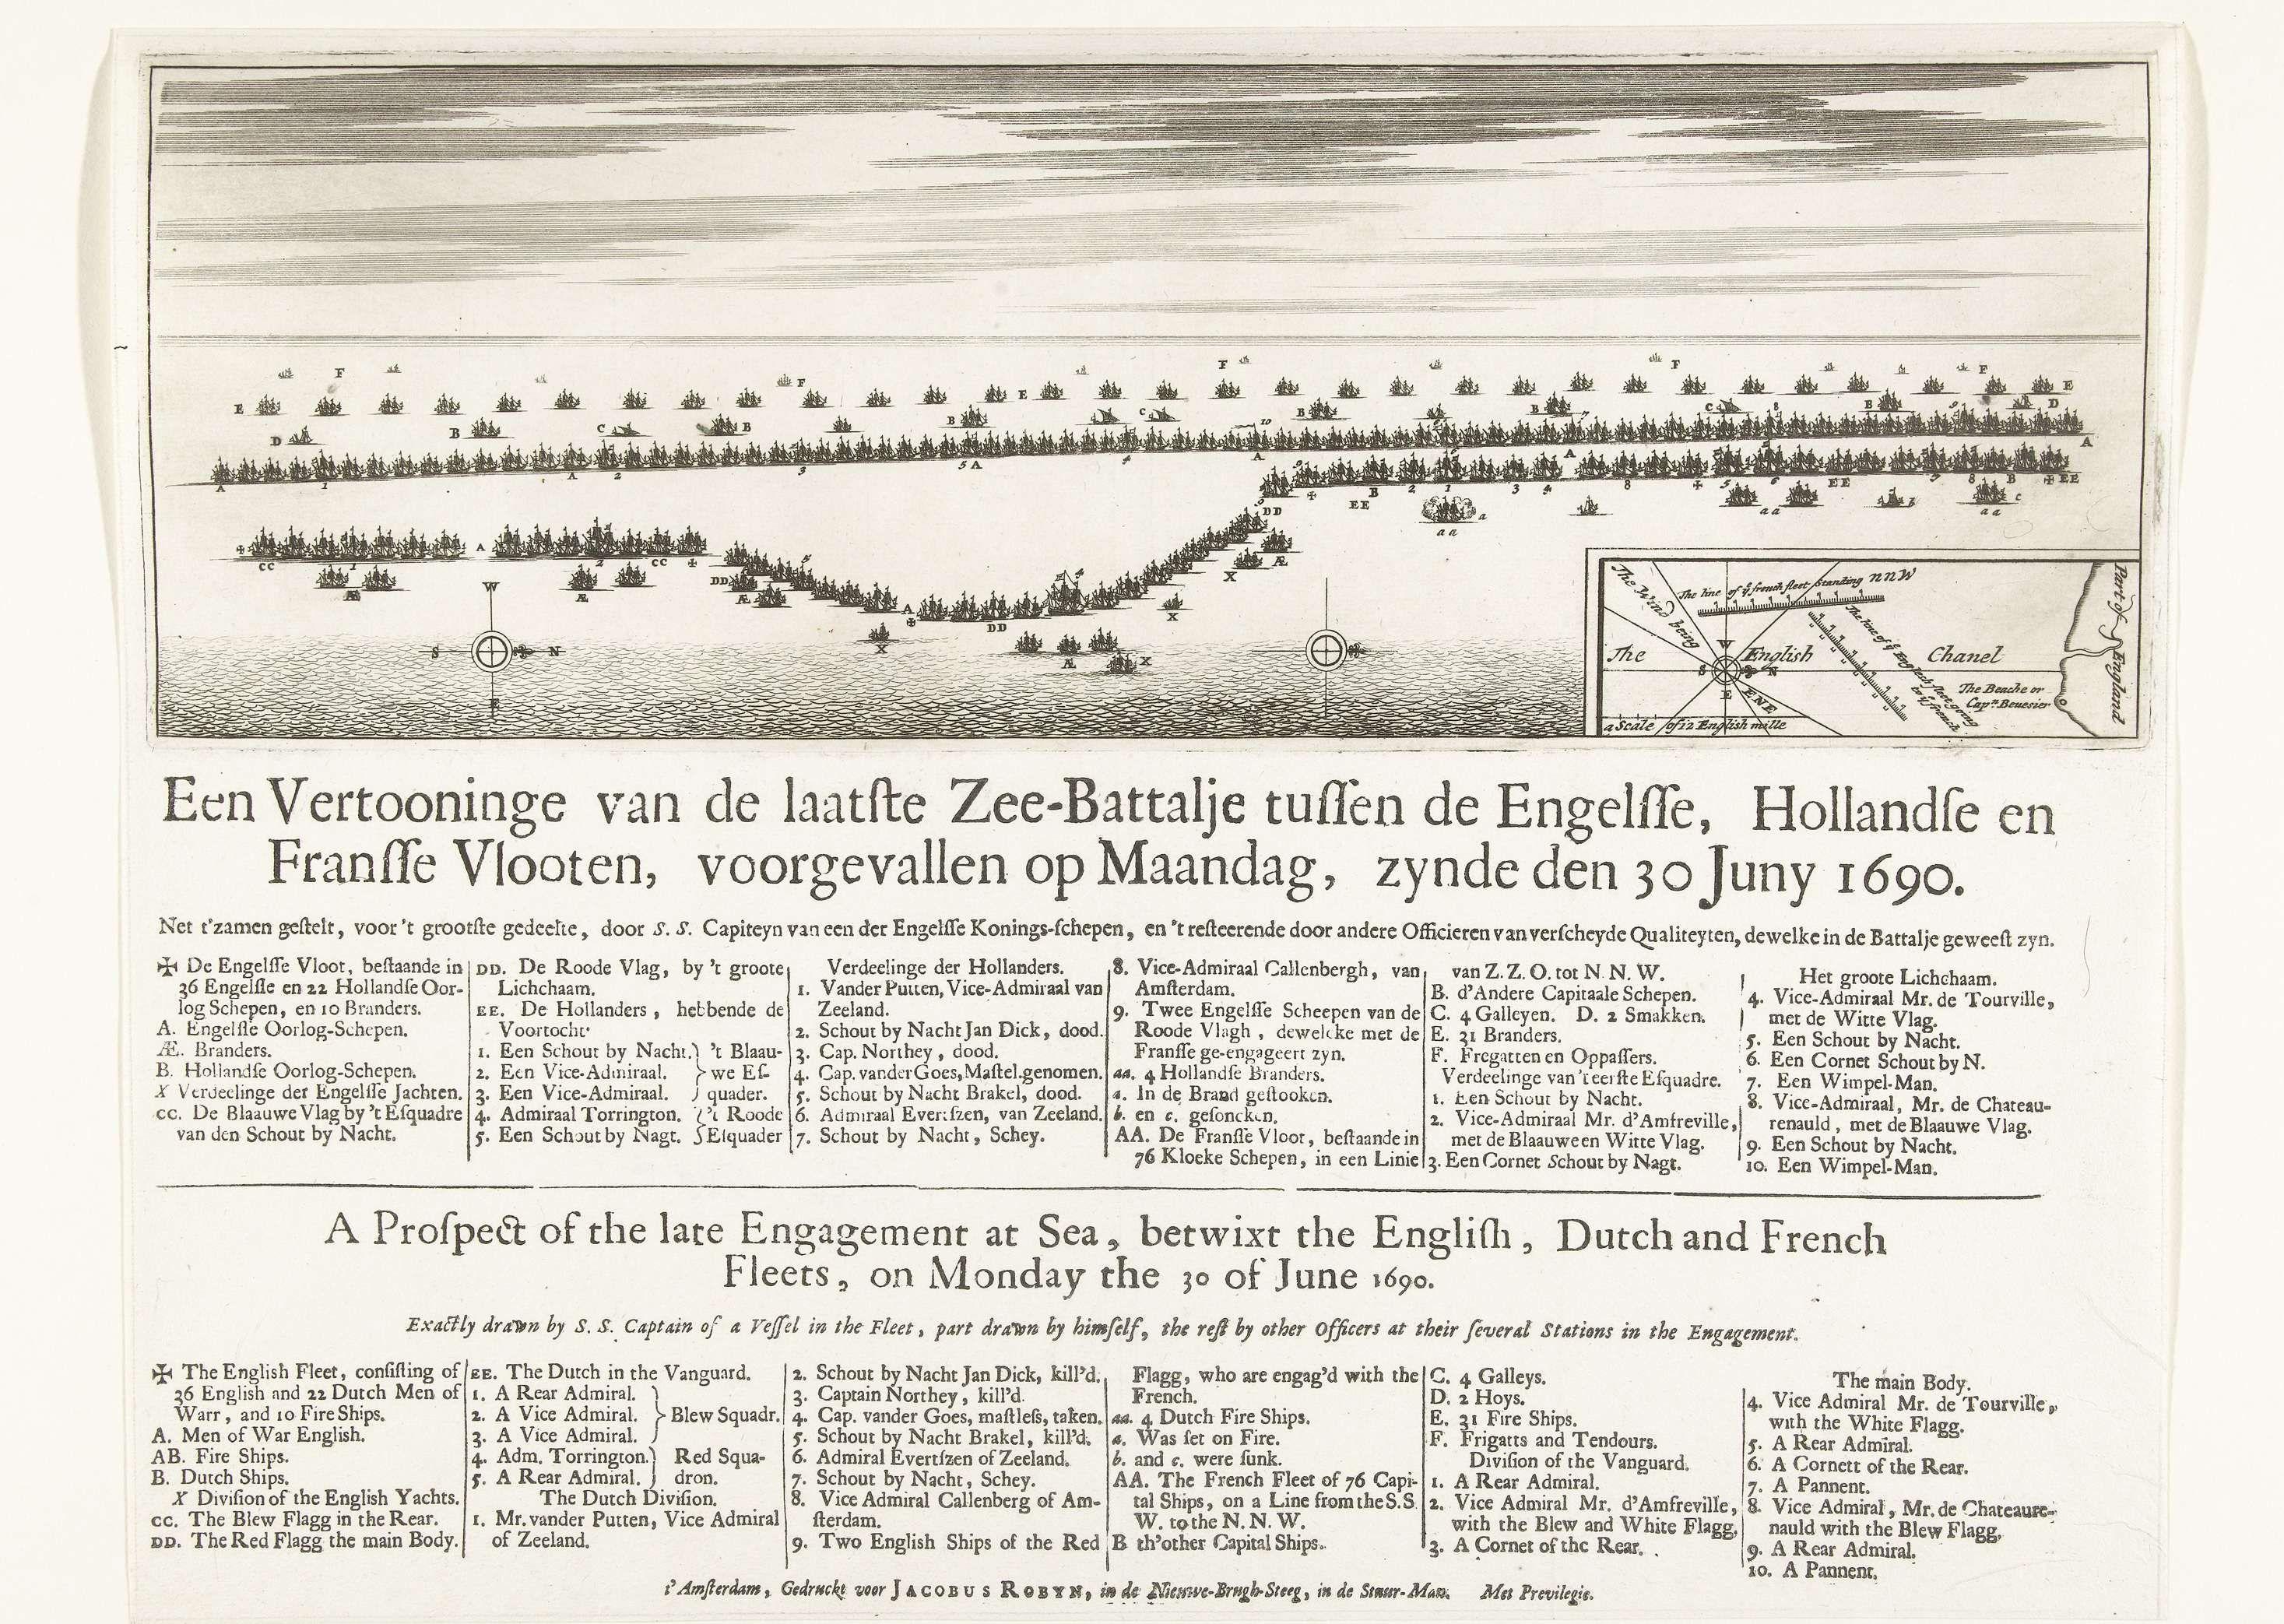 Anonymous | Zeeslag bij Beachy Head, 1690, Anonymous, Jacobus Robijn, unknown, 1690 | Zeeslag bij Beachy Head (bij Béveziers) waarbij een gecombineerd Engelse en Nederlandse vloot verslagen wordt door de Fransen, 10 juli 1690. Voorstelling van de slagorde van de vloten vóór de slag, met inzet met kaartje van de locatie van de slag in het Kanaal. Met legenda's in het Nederlands en Engels.